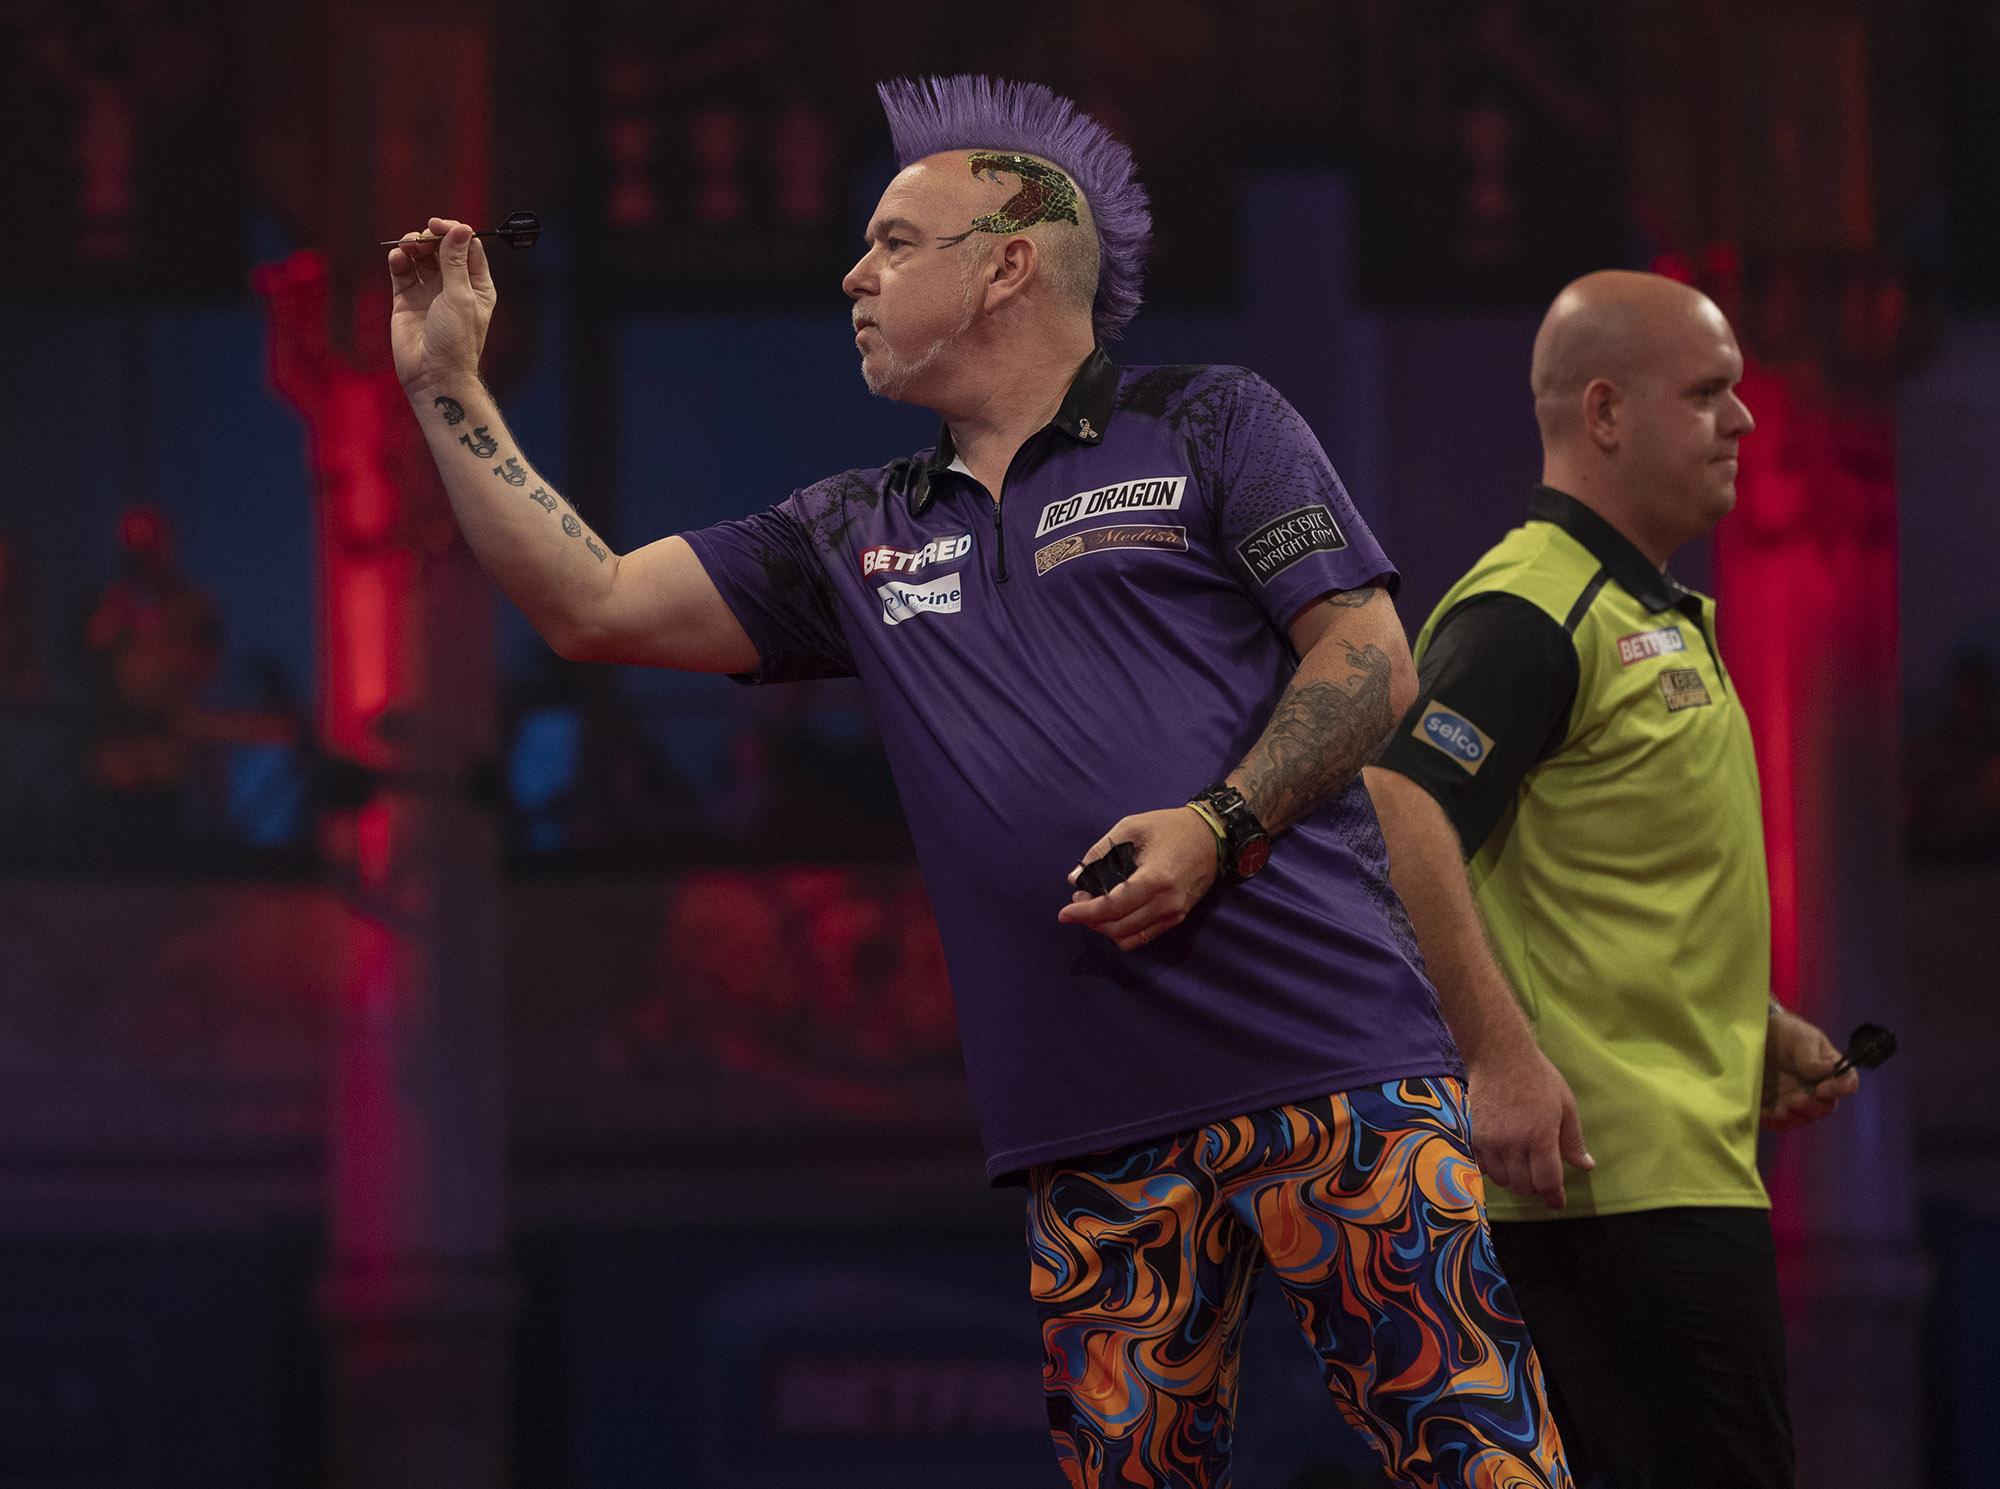 Peter Wright vs Michael van Gerwen